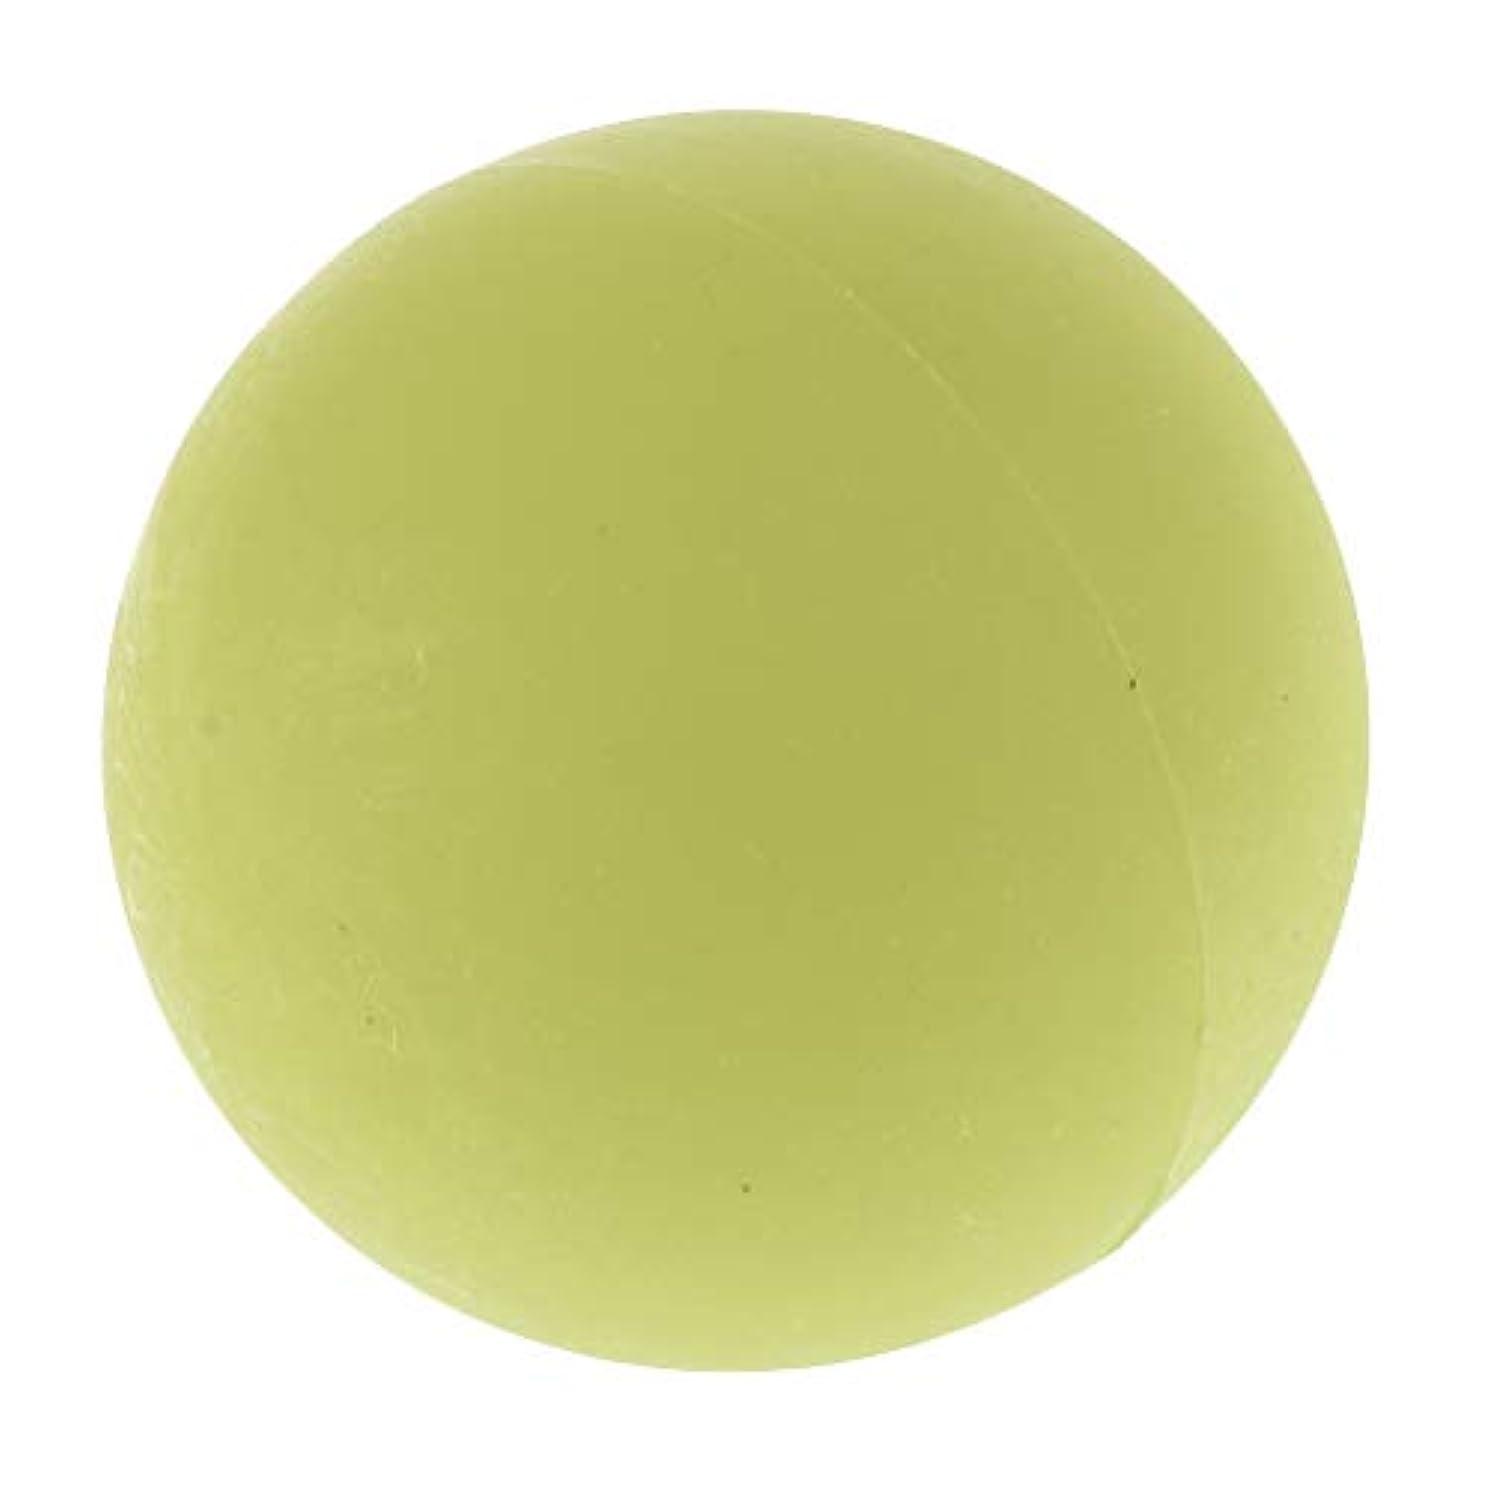 予見するトンネル海港エクササイズ 筋膜リリース マッサージボール トレーニングボール ソフトボール ツボ押しグッズ 全4色 - 緑